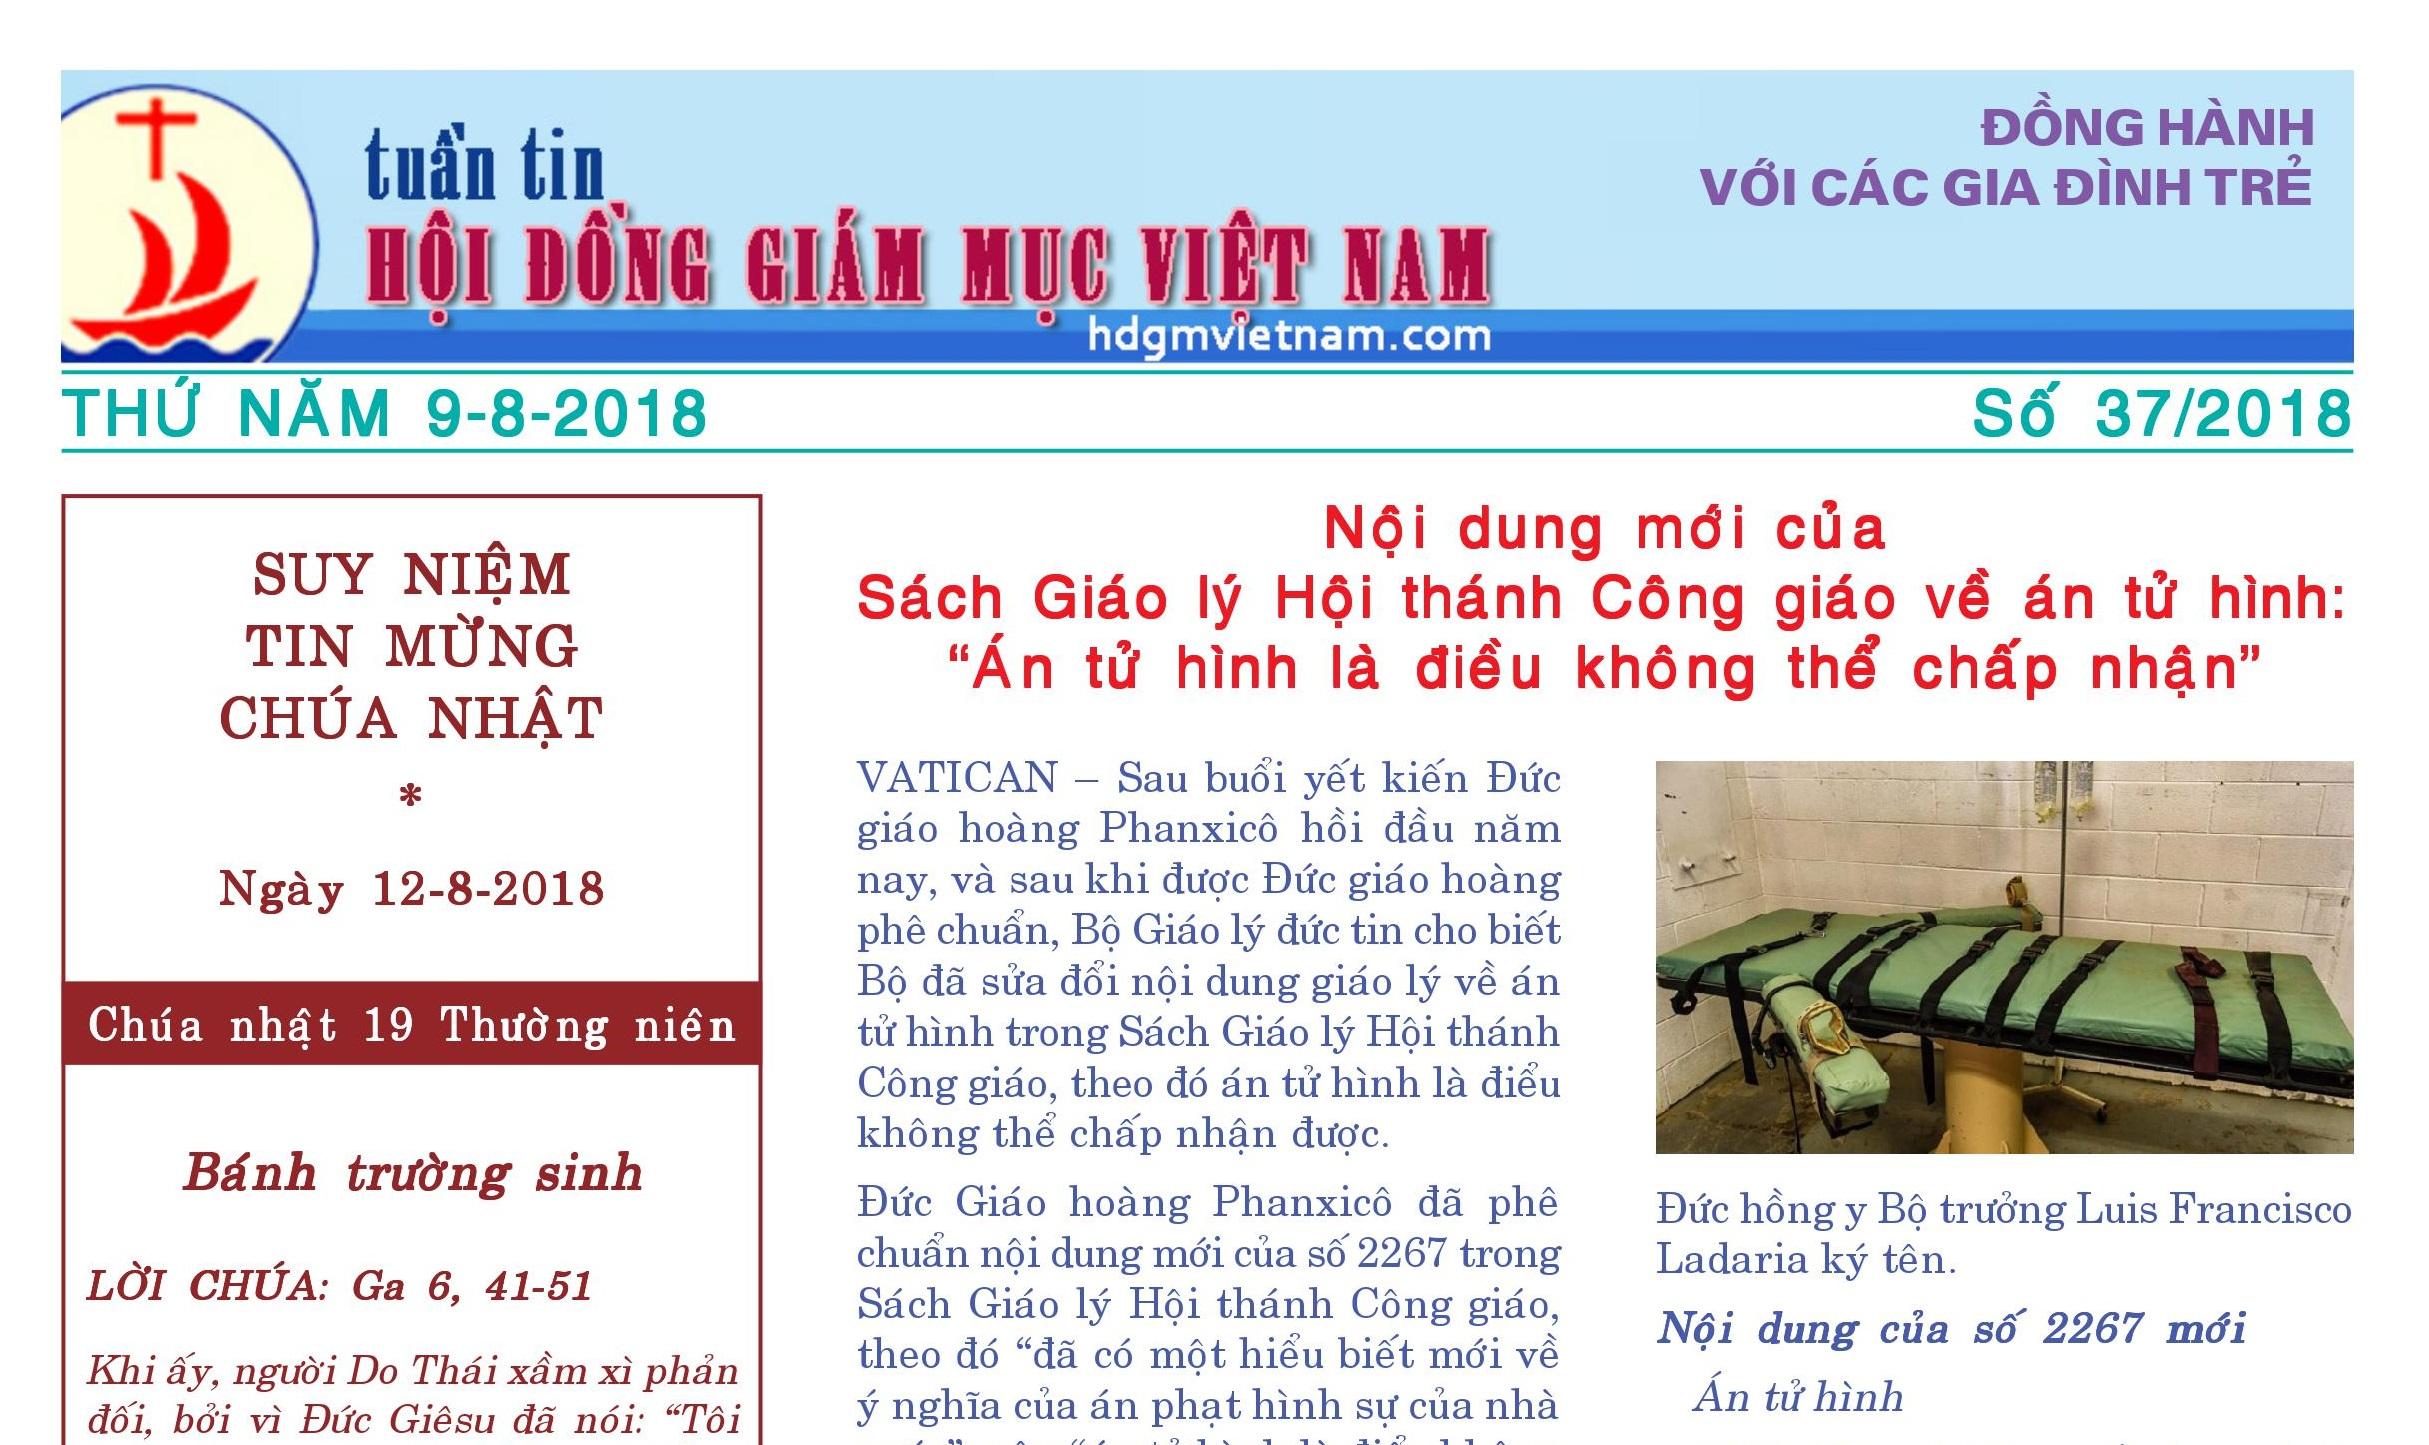 Tuần tin Hội đồng Giám mục Việt Nam số 37/2018